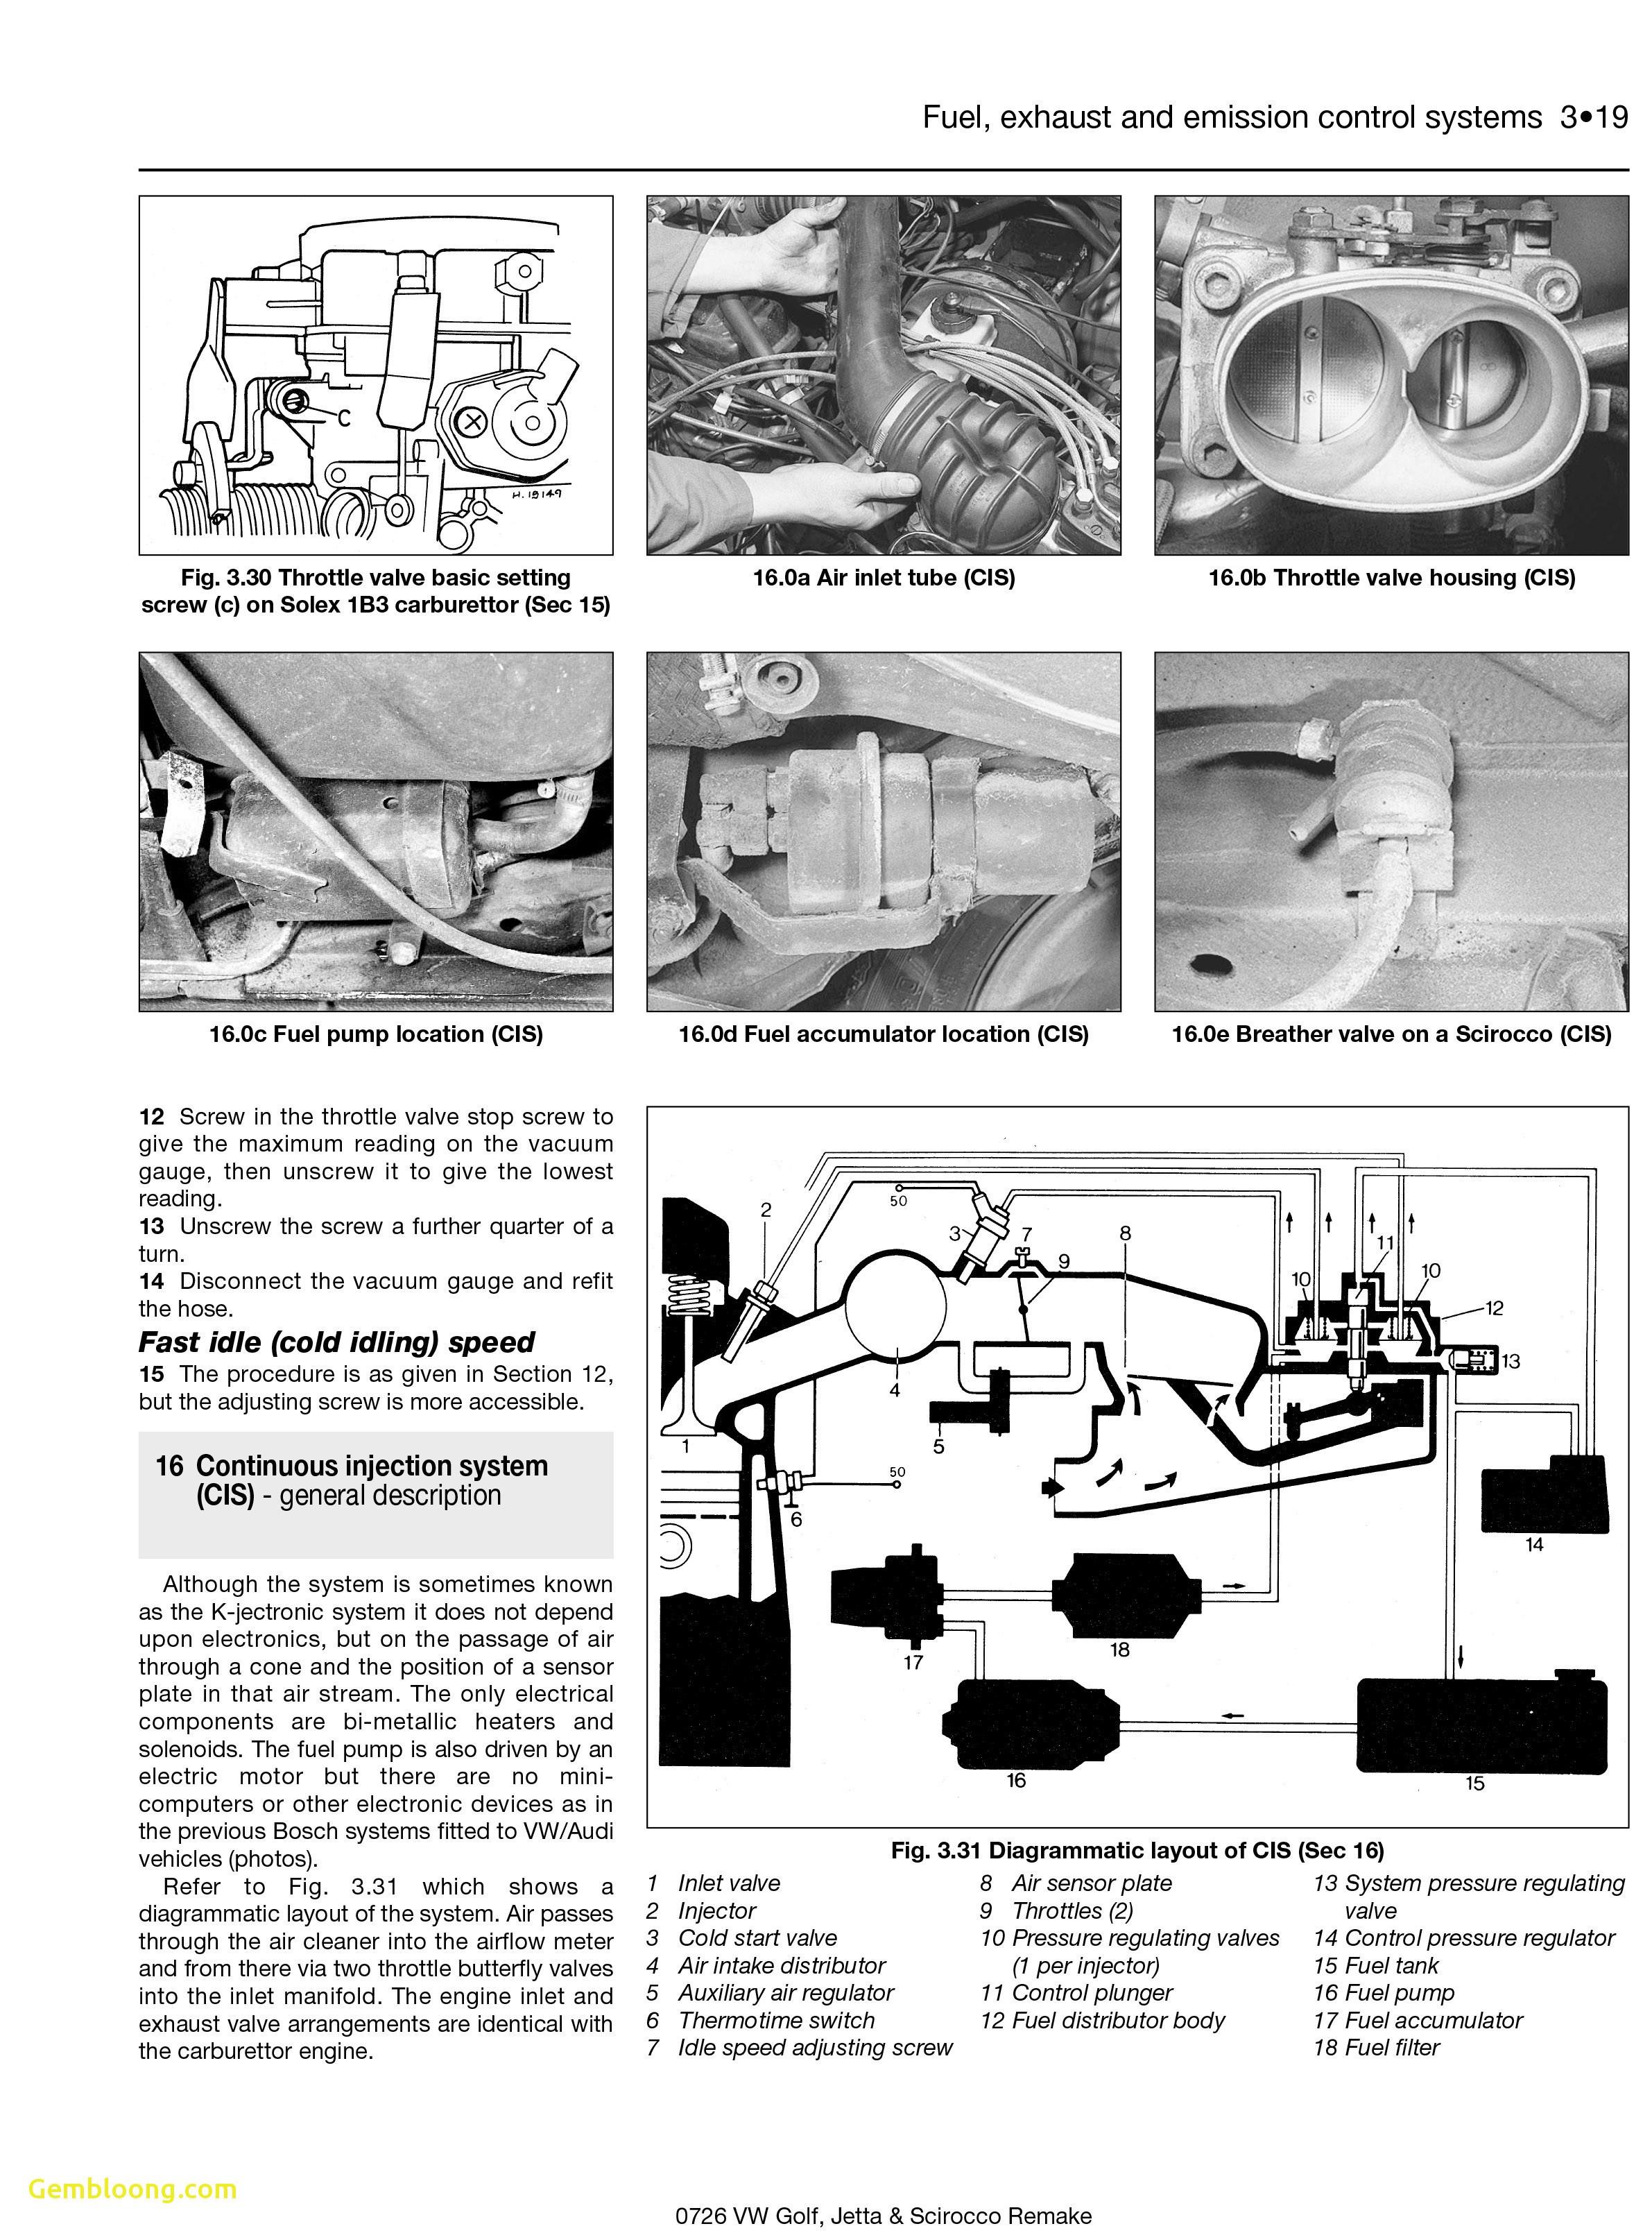 Array tandberg edge 95 manual ebook rh tandberg edge 95 manual ebook topmalawis de